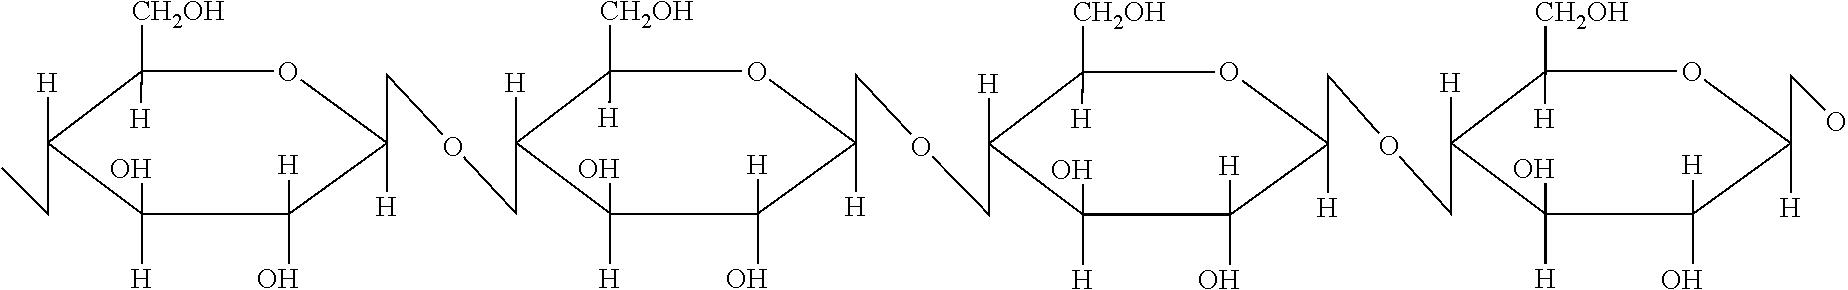 Figure US08899277-20141202-C00002